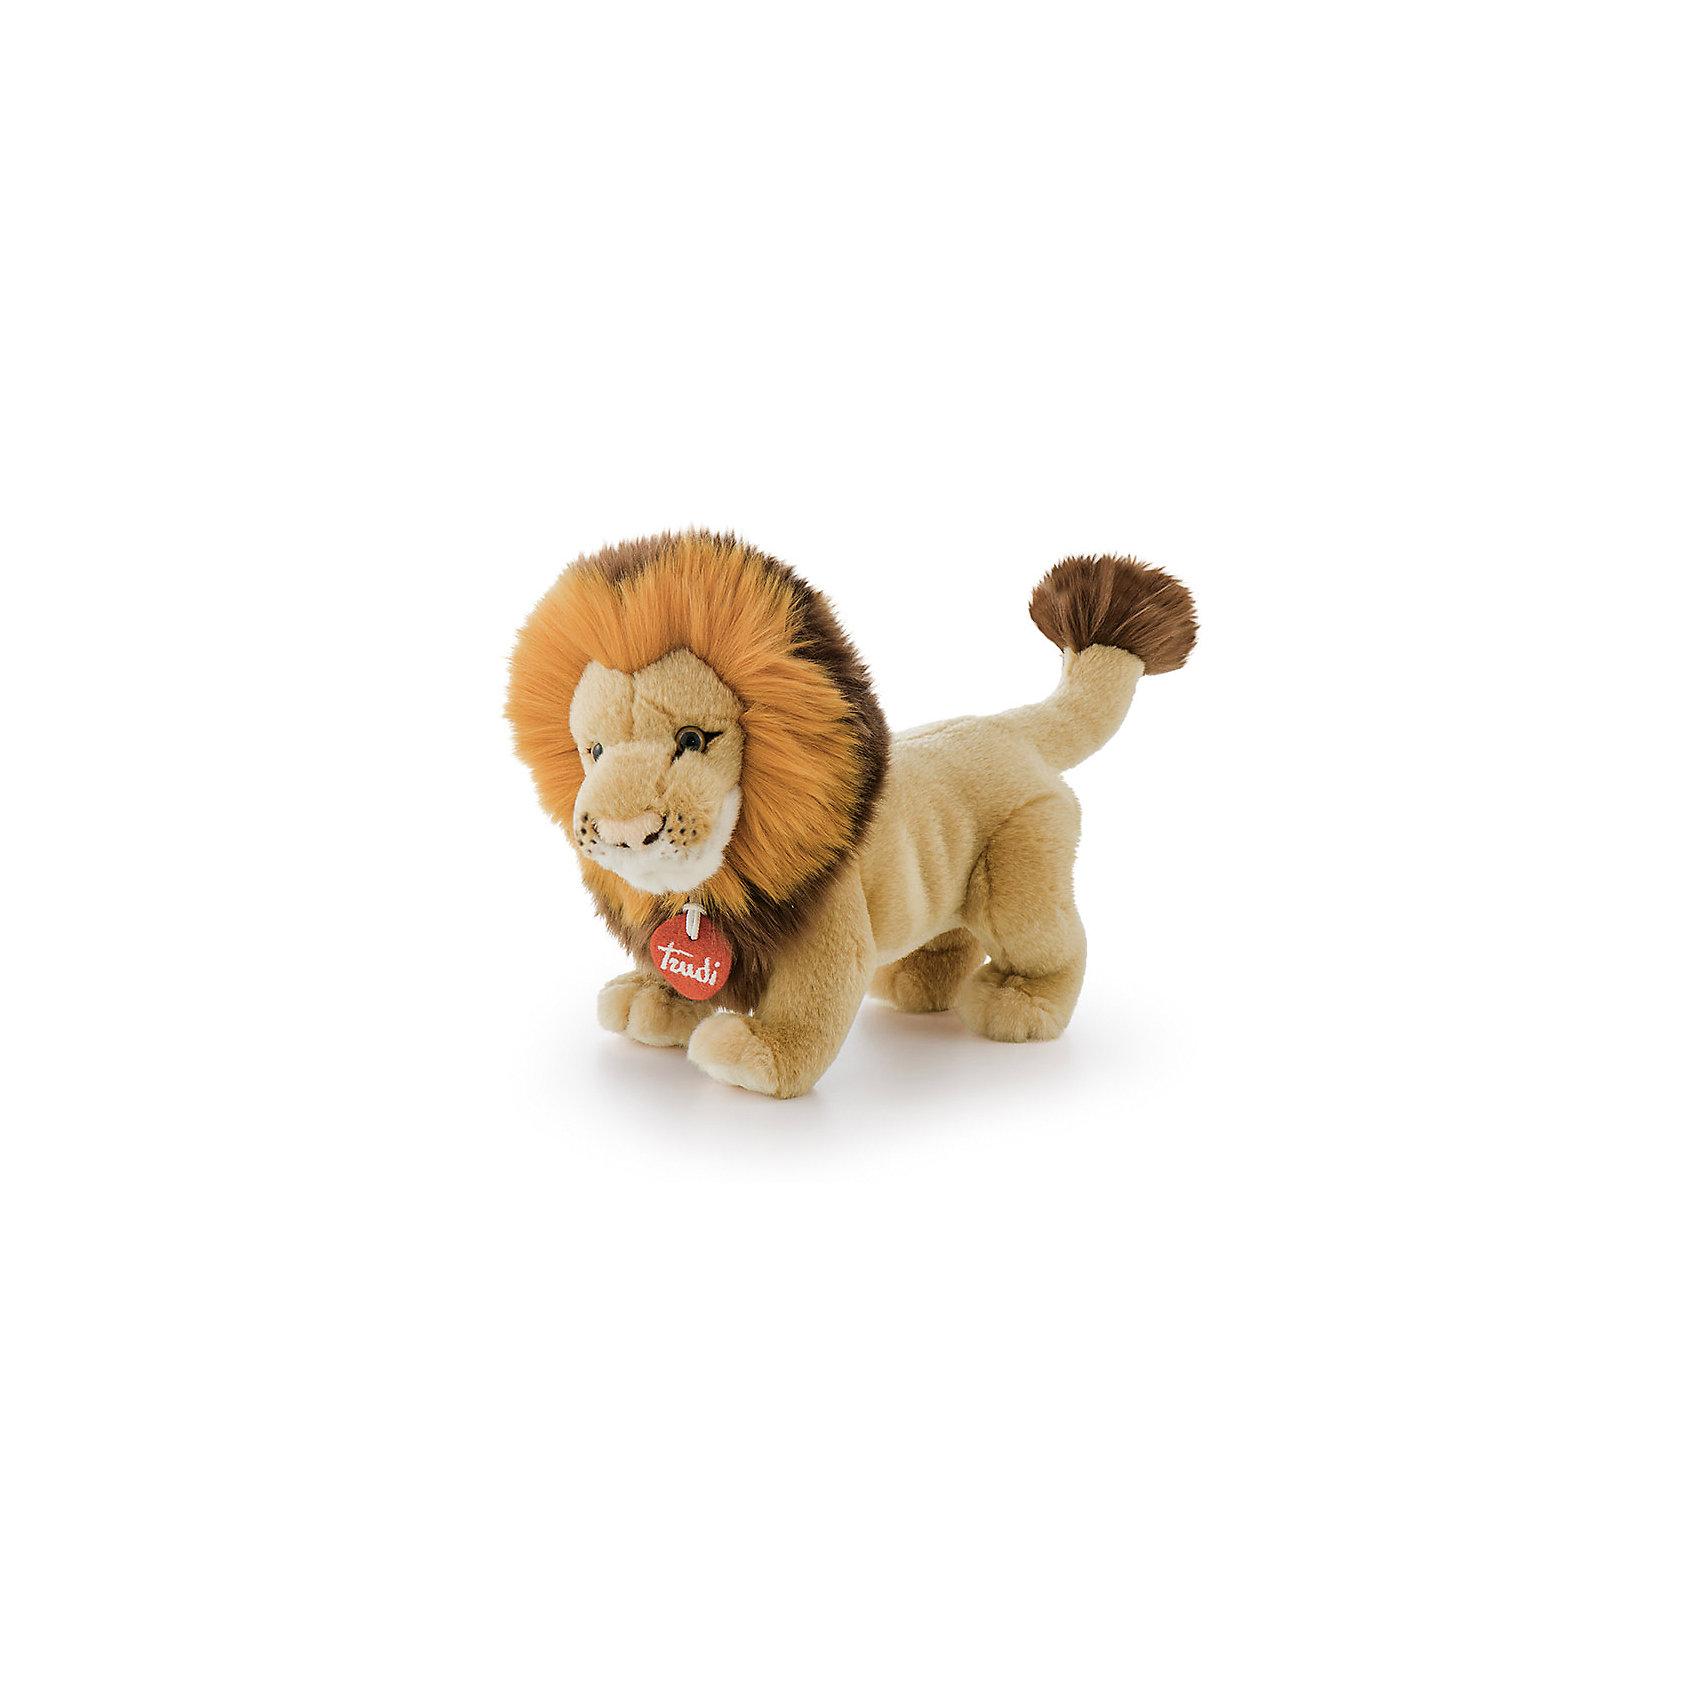 Лев Наполеон, 28 см, TrudiМягкие игрушки животные<br>Очаровательный лев Наполеон станет лучшим другом вашему малышу! У львенка мягкая шерстка, милый розовый носик, добрые озорные глаза и роскошная пушистая грива - с ним будет очень весело играть днем и спокойно и уютно засыпать ночью.<br>Игрушка изготовлена из высококачественных нетоксичных материалов абсолютно безопасных для детей. Благодаря тщательной проработке всех деталей, лев выглядит очень реалистично, что, несомненно, порадует ребенка. Прекрасный подарок на любой праздник!<br><br>Дополнительная информация:<br><br>- Материал: плюш, пластик, текстиль, искусственный мех. <br>- Высота: 28 см. <br><br>Льва Наполеона, 26 см, Trudi (Труди), можно купить в нашем магазине.<br><br>Ширина мм: 280<br>Глубина мм: 210<br>Высота мм: 180<br>Вес г: 180<br>Возраст от месяцев: 12<br>Возраст до месяцев: 2147483647<br>Пол: Унисекс<br>Возраст: Детский<br>SKU: 5055255